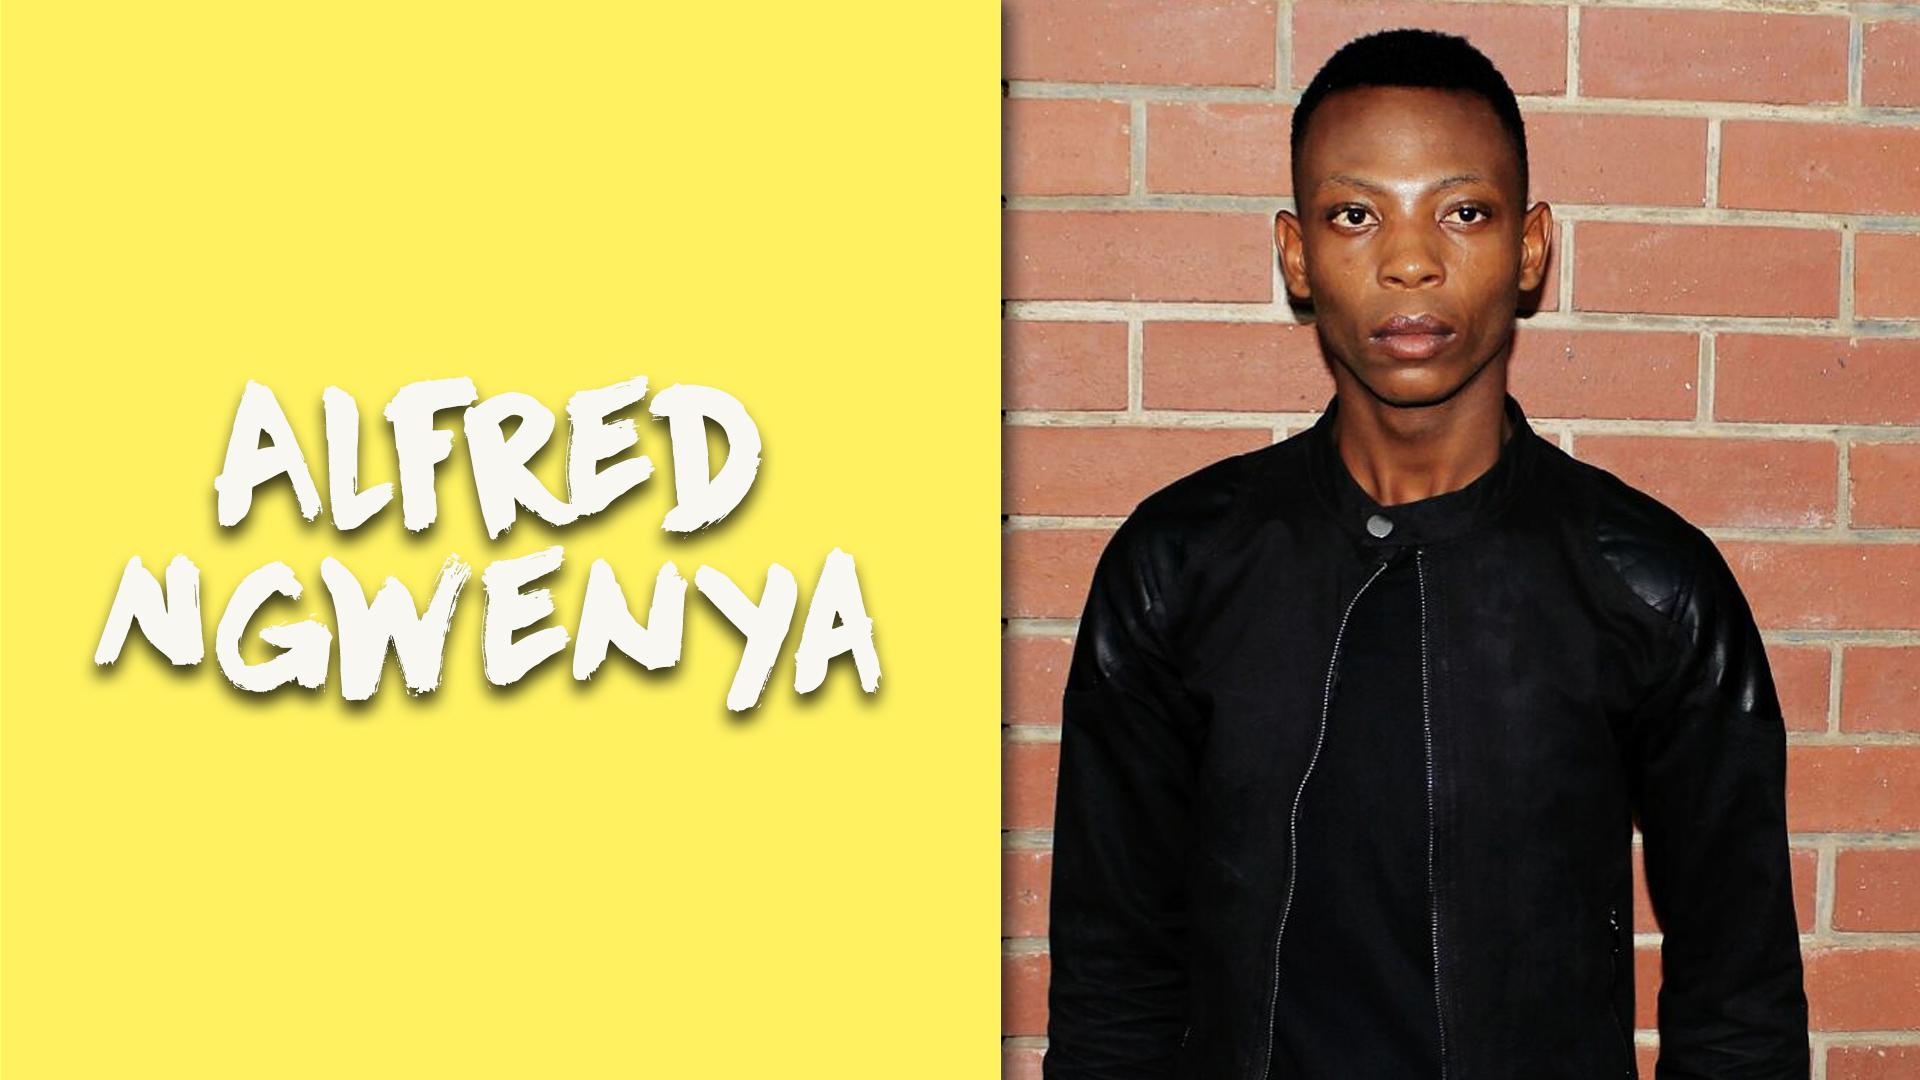 Alfred Ngwenya